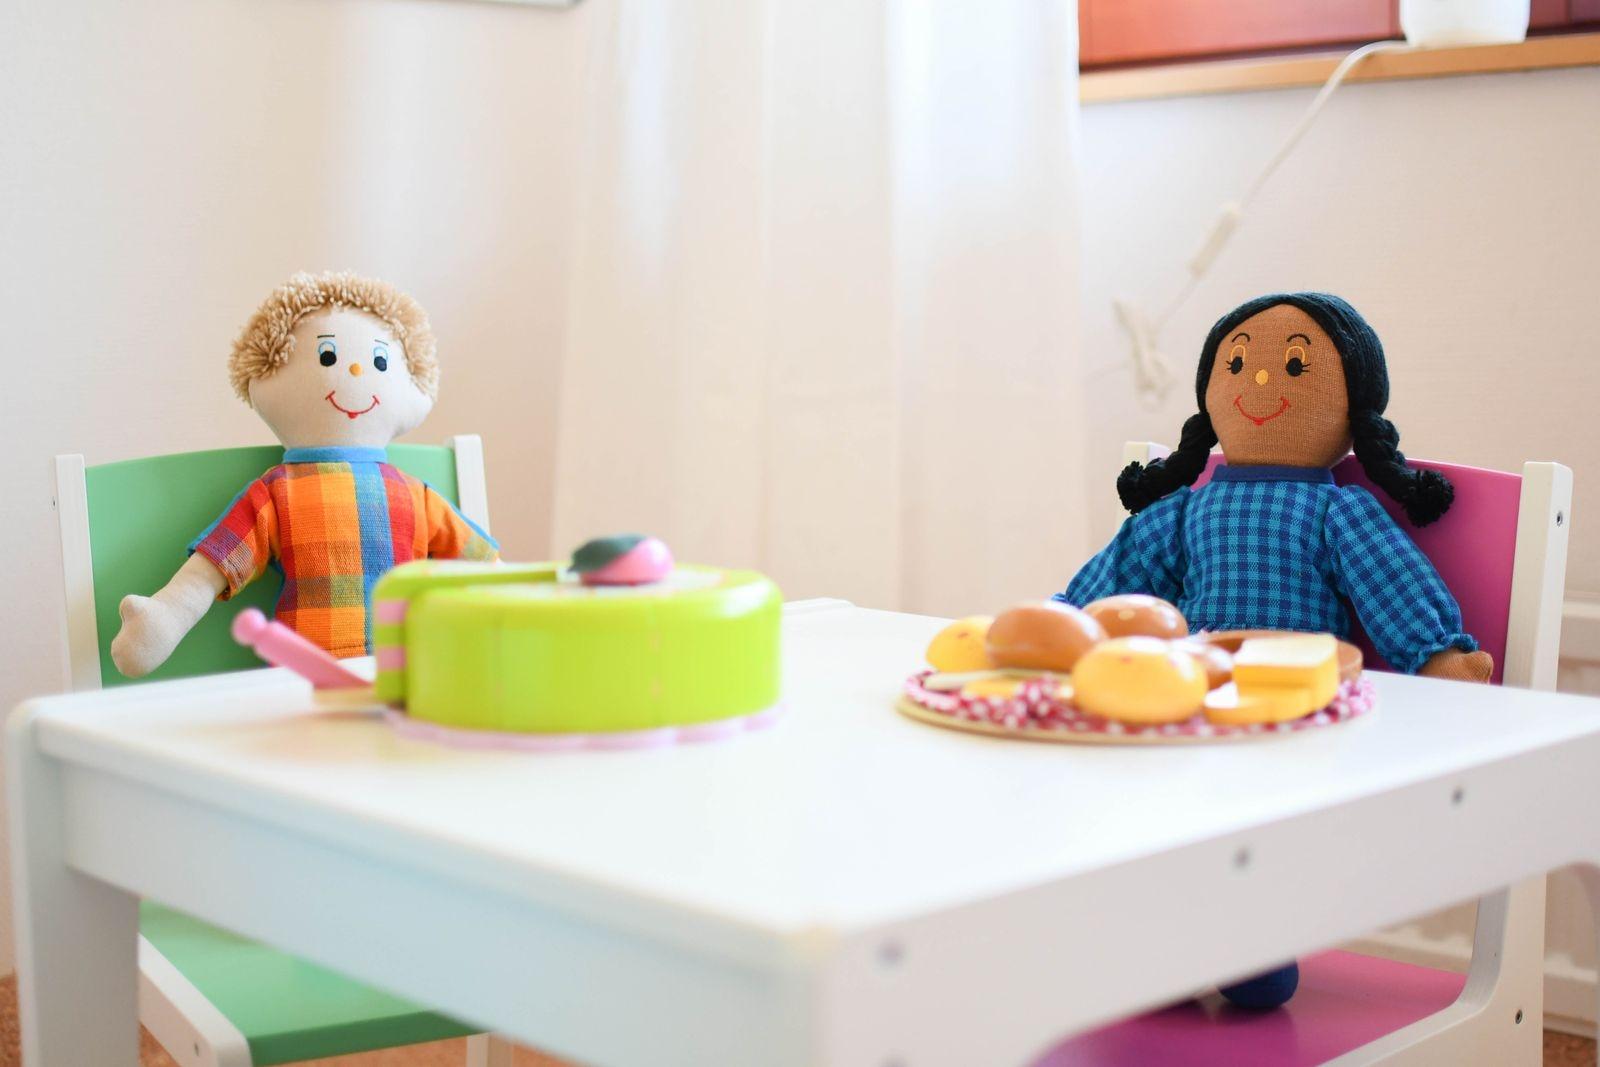 """Öppna förskolan har tillgång till ett stort lekrum, ett mindre lekrum och """"lugna rummet"""" med tillhörande minibibliotek som är en satsning på språkutveckling."""